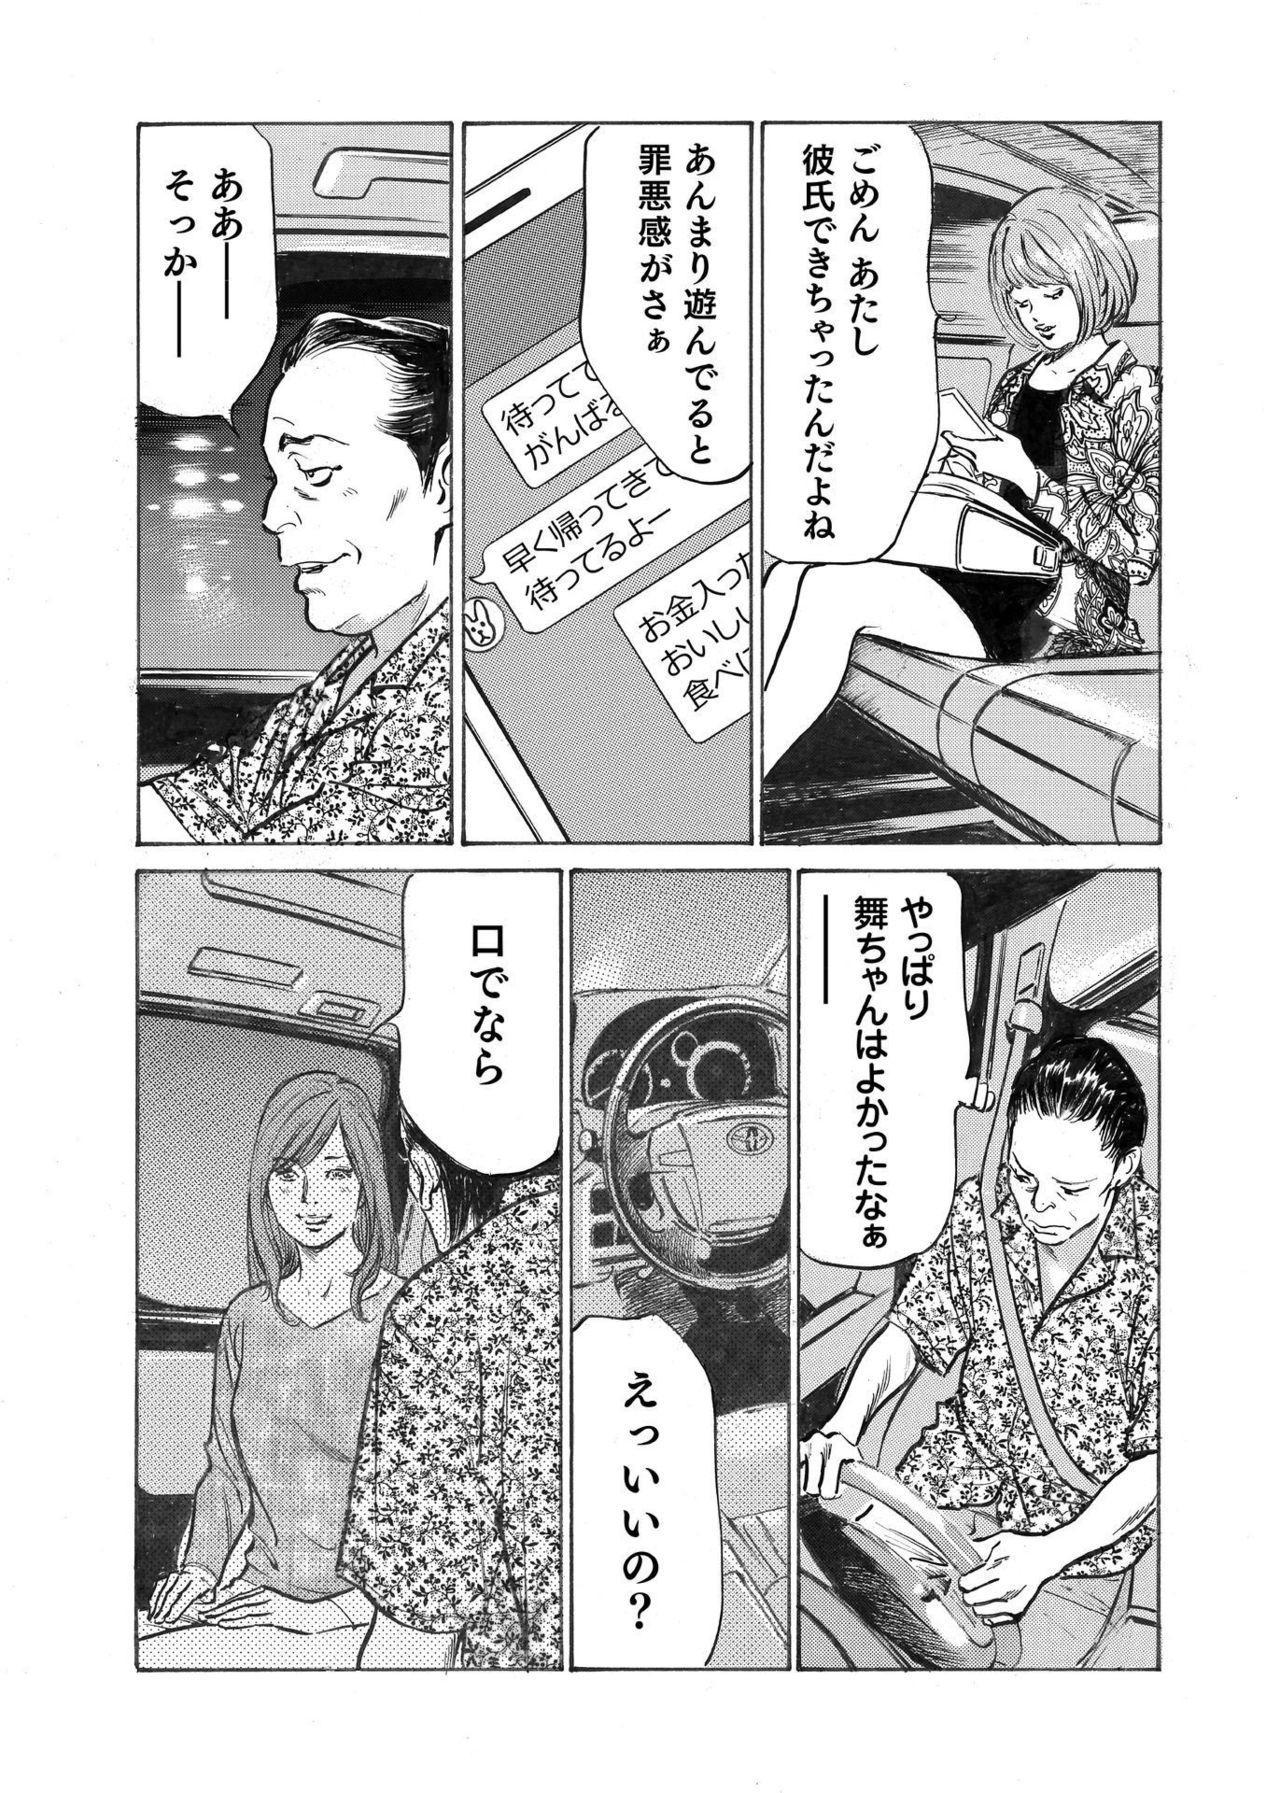 Ore wa Tsuma no Koto o Yoku Shiranai 1-9 86